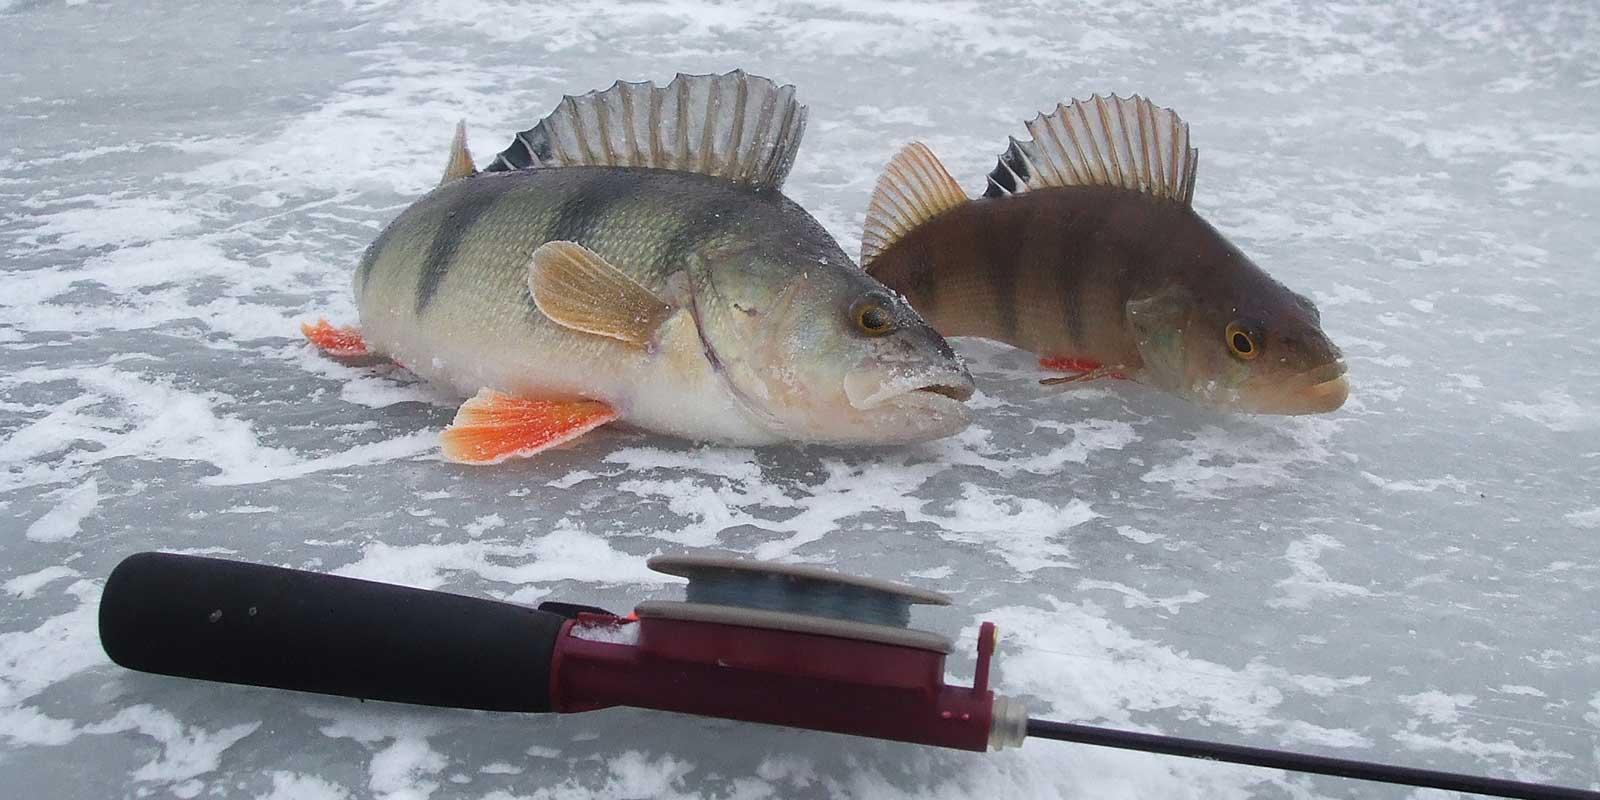 Зимняя рыбалка на реке: особенности подледной ловли зимой, новые видео